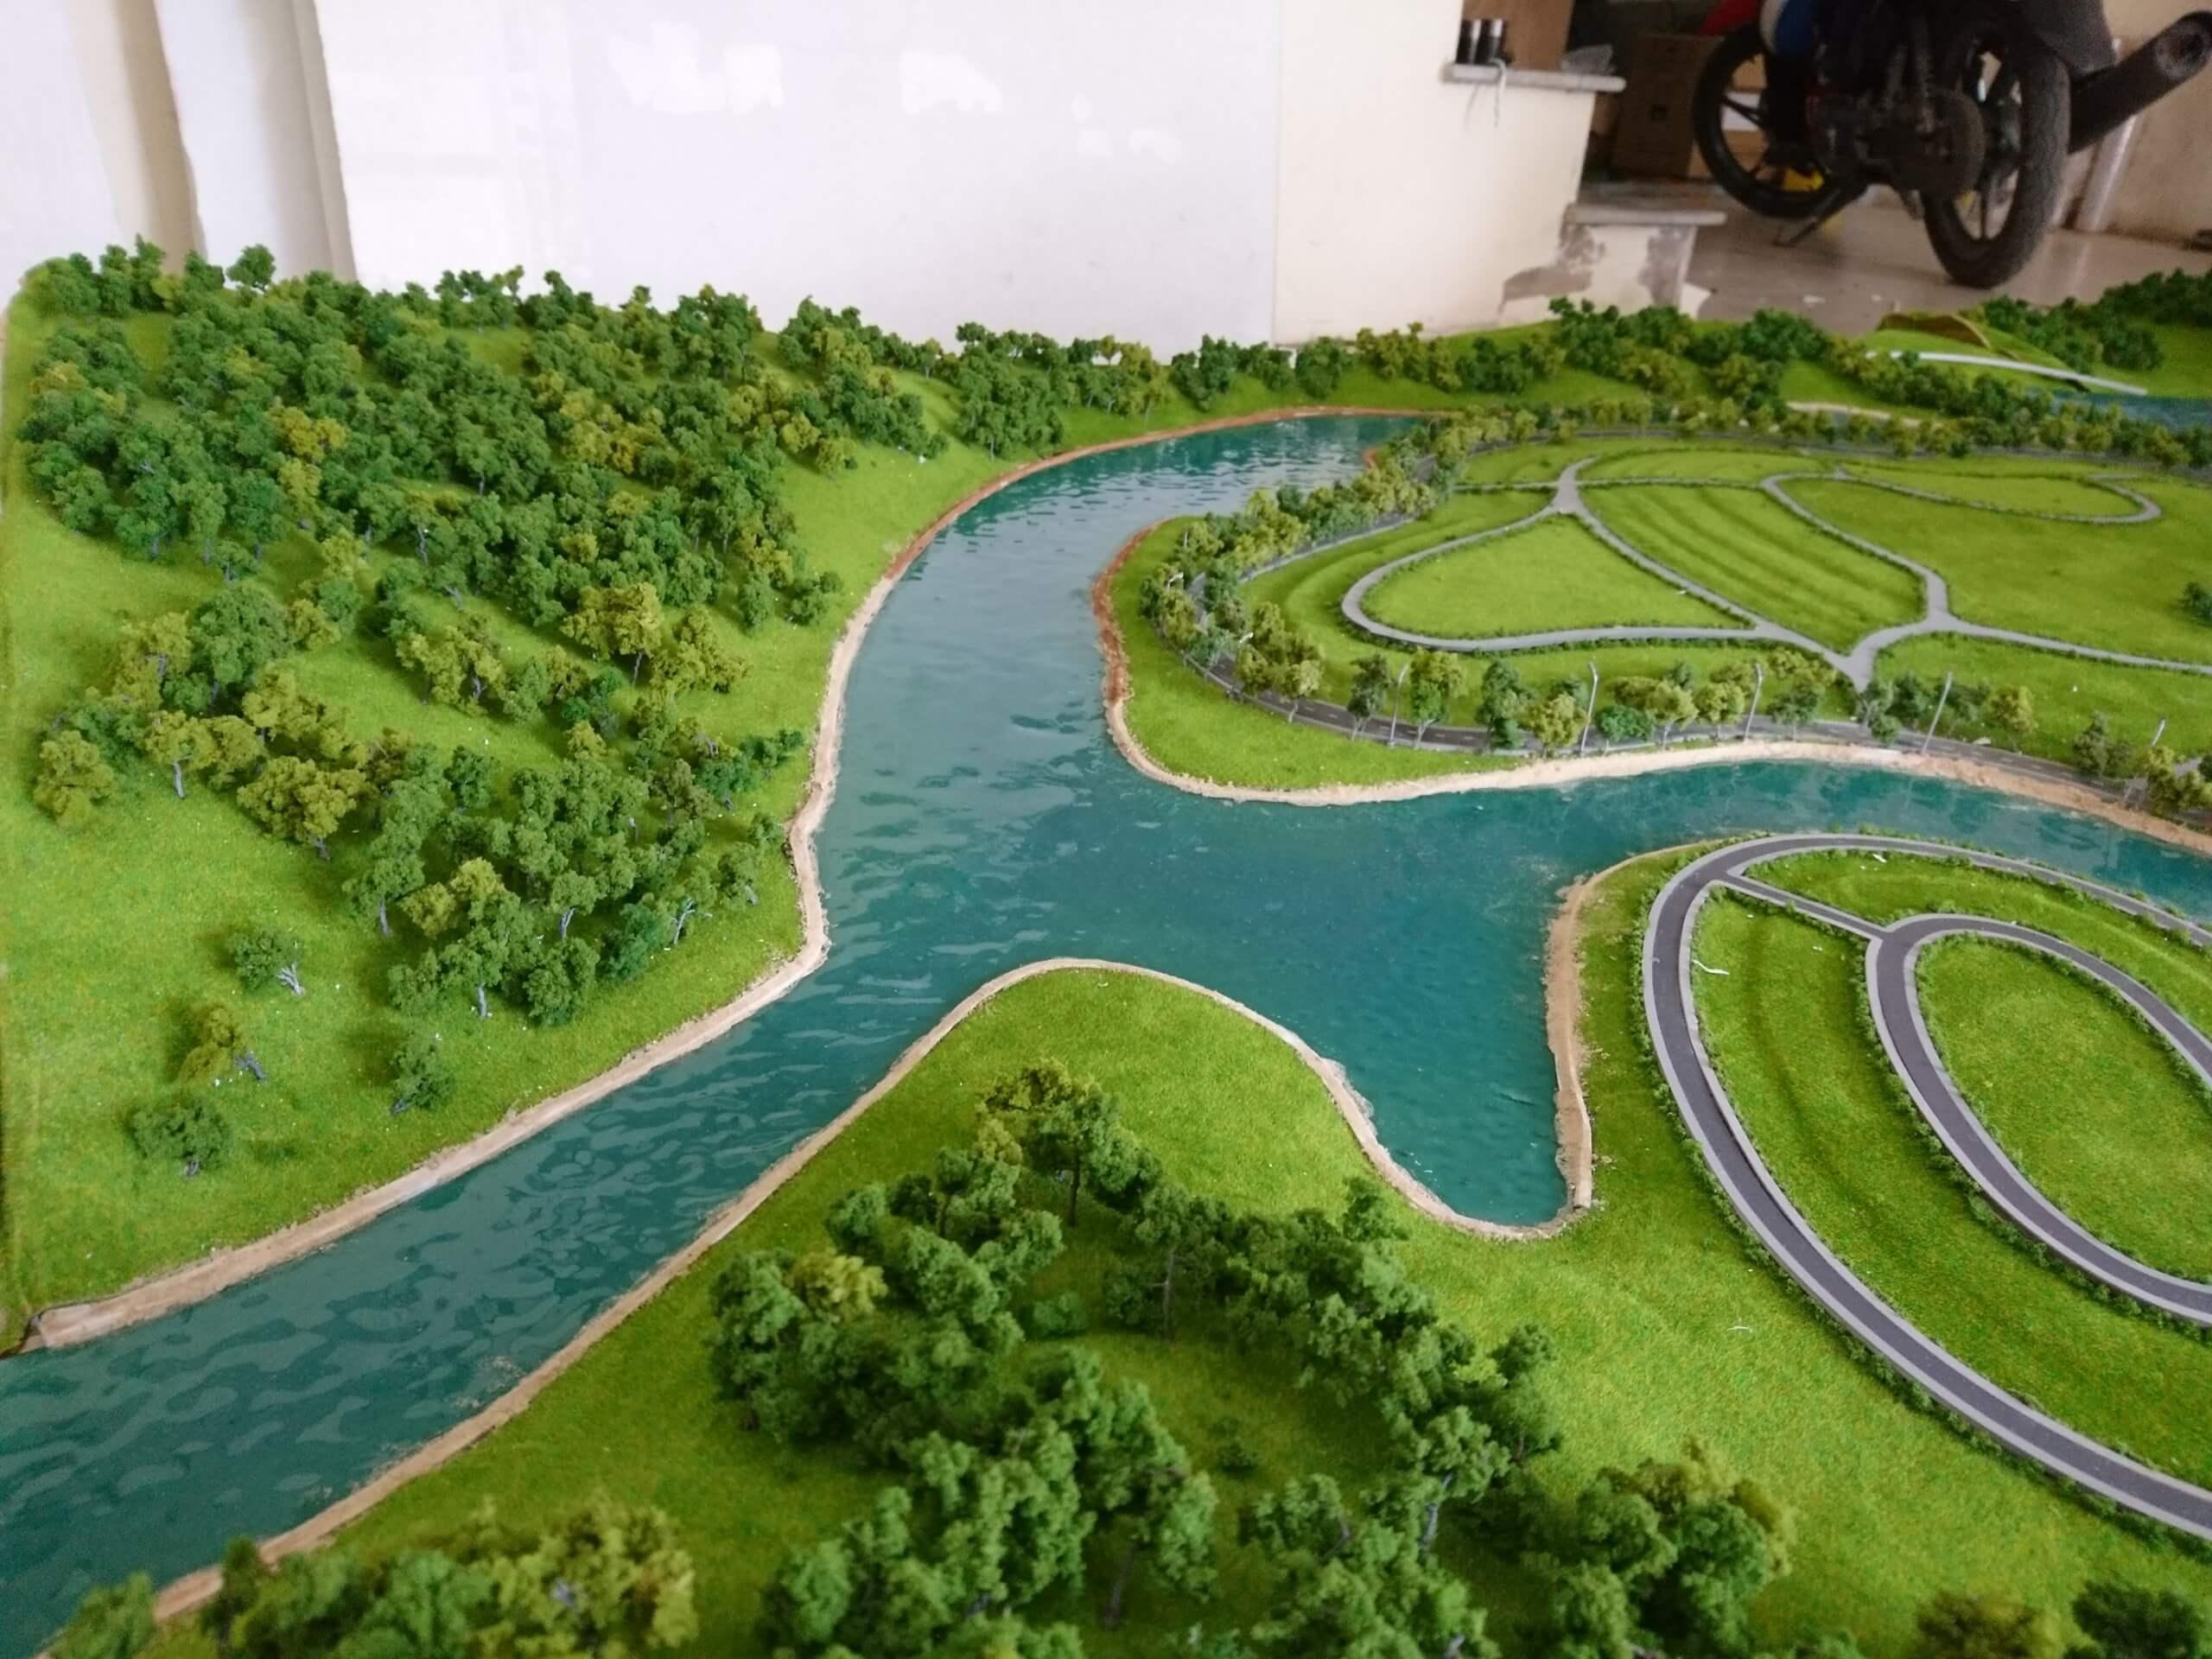 Công viên nghĩa trang Hương An Viên - Huế - TL 1.350